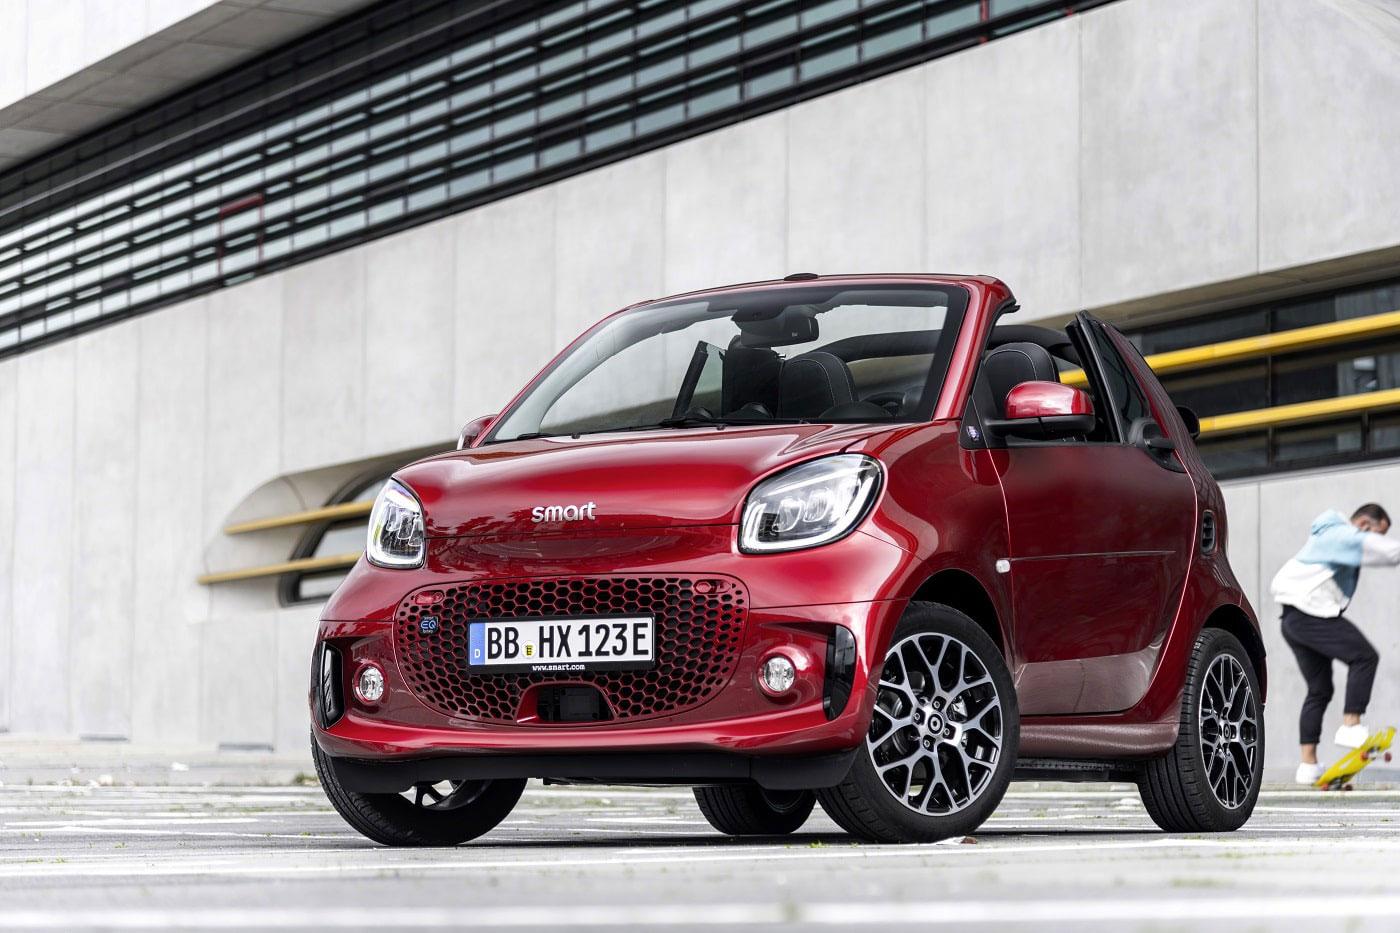 Roter Smart EQ Cabrio auf Parkplatz